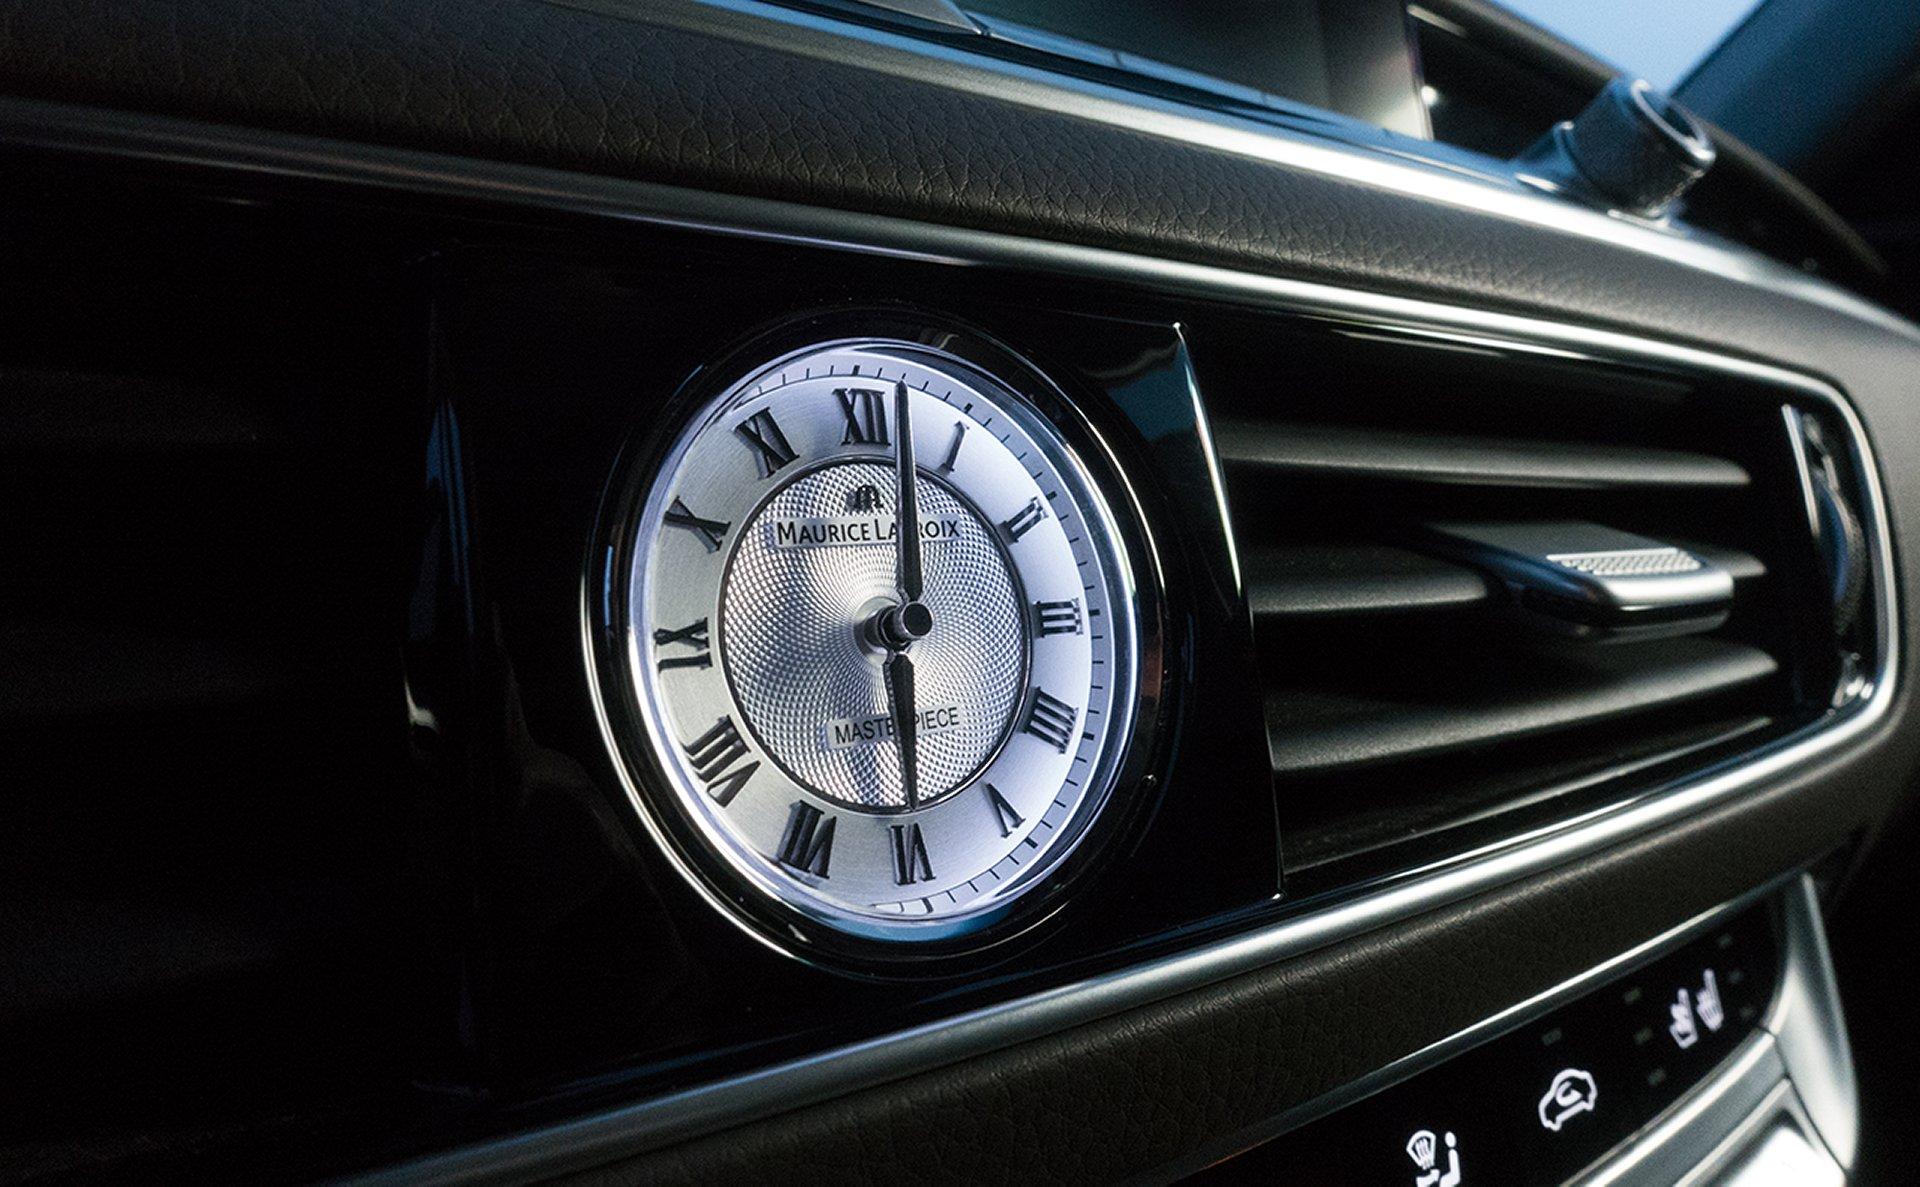 Reloj de la marca Maurice Lacroix en el tablero del K900